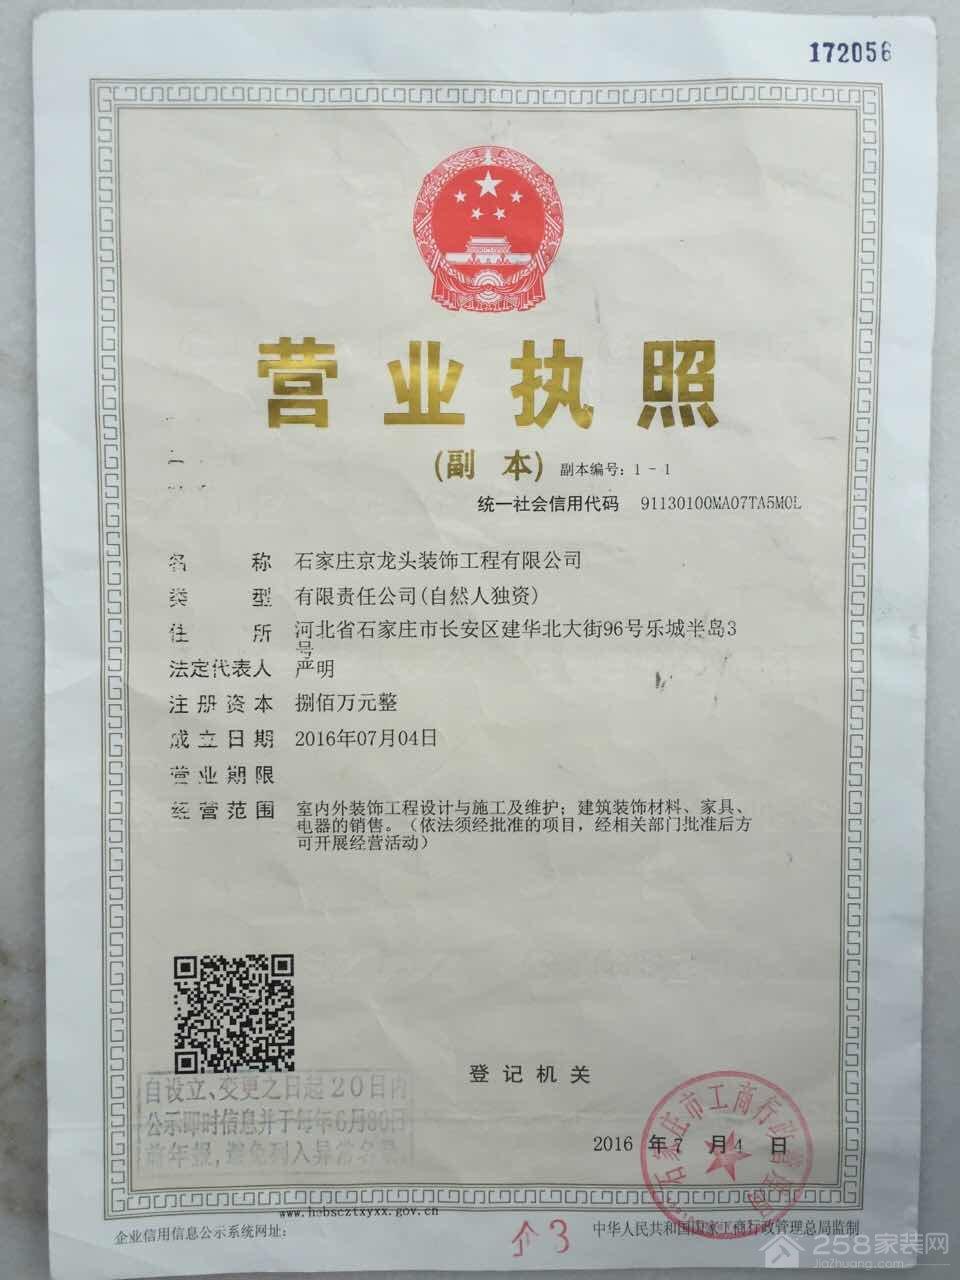 石家庄京龙头装饰工程有限公司